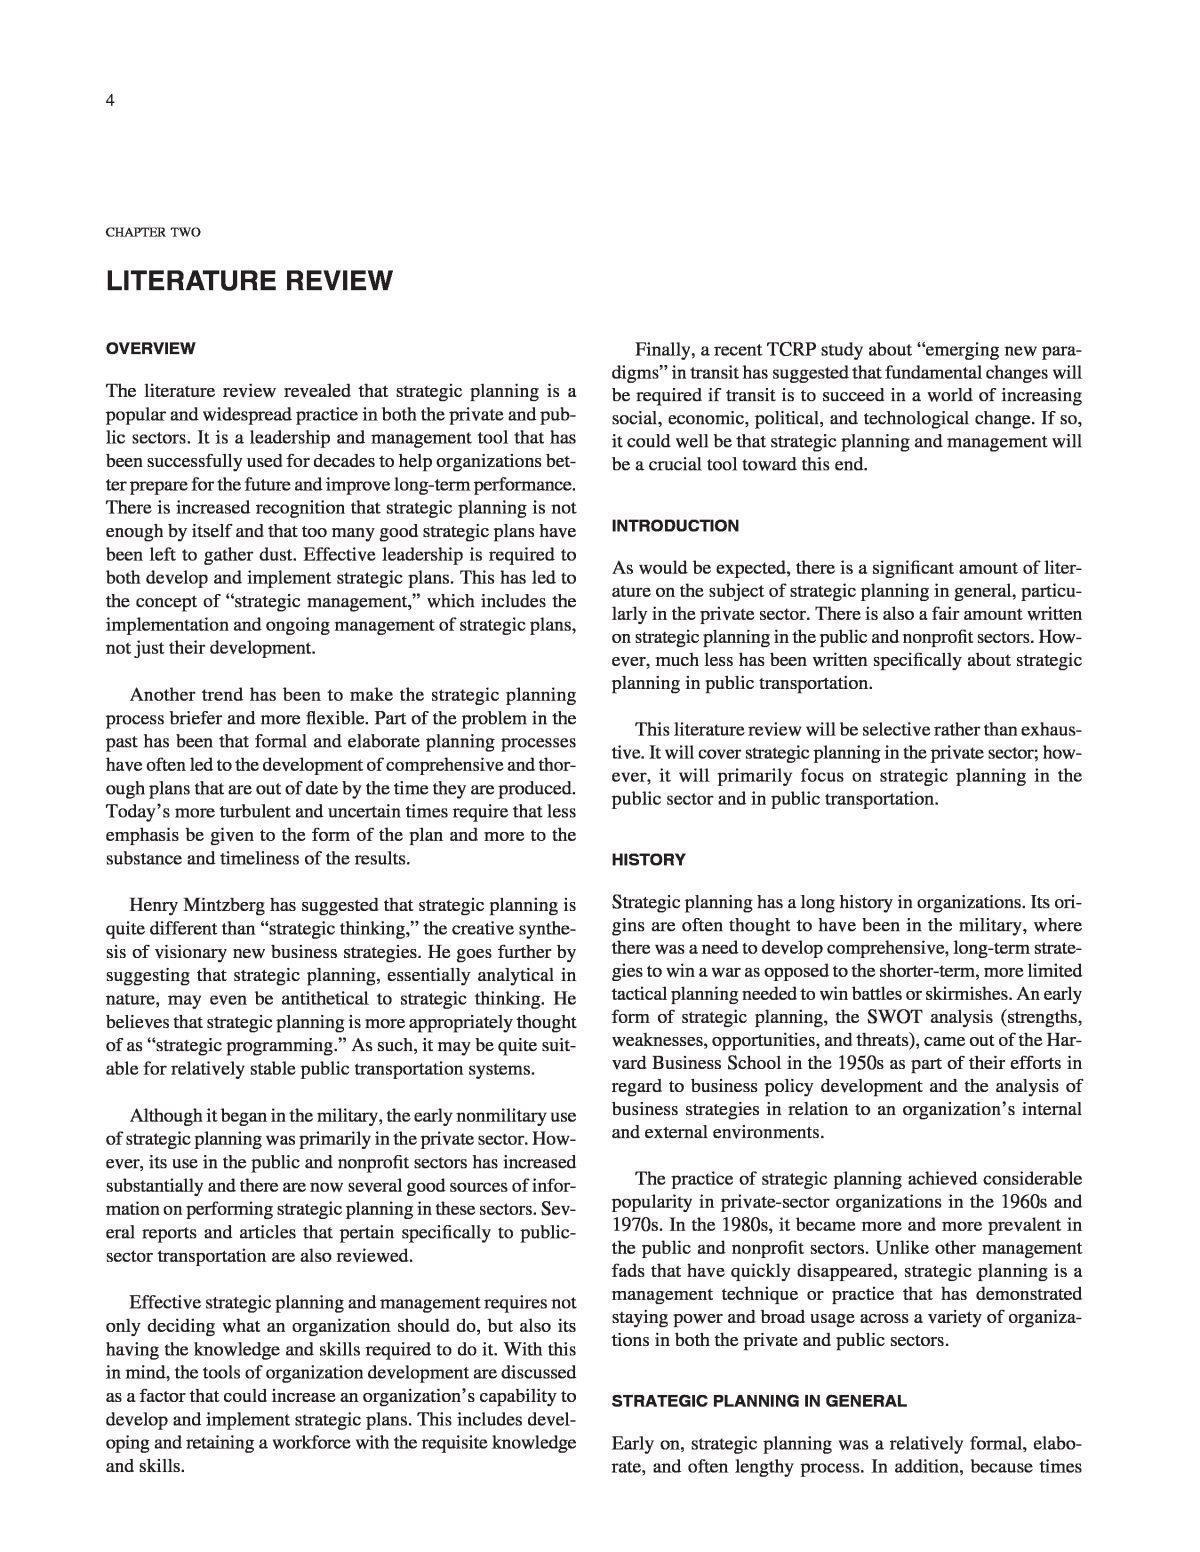 Tour De Lit Avis Douce Chapter Two Literature Review